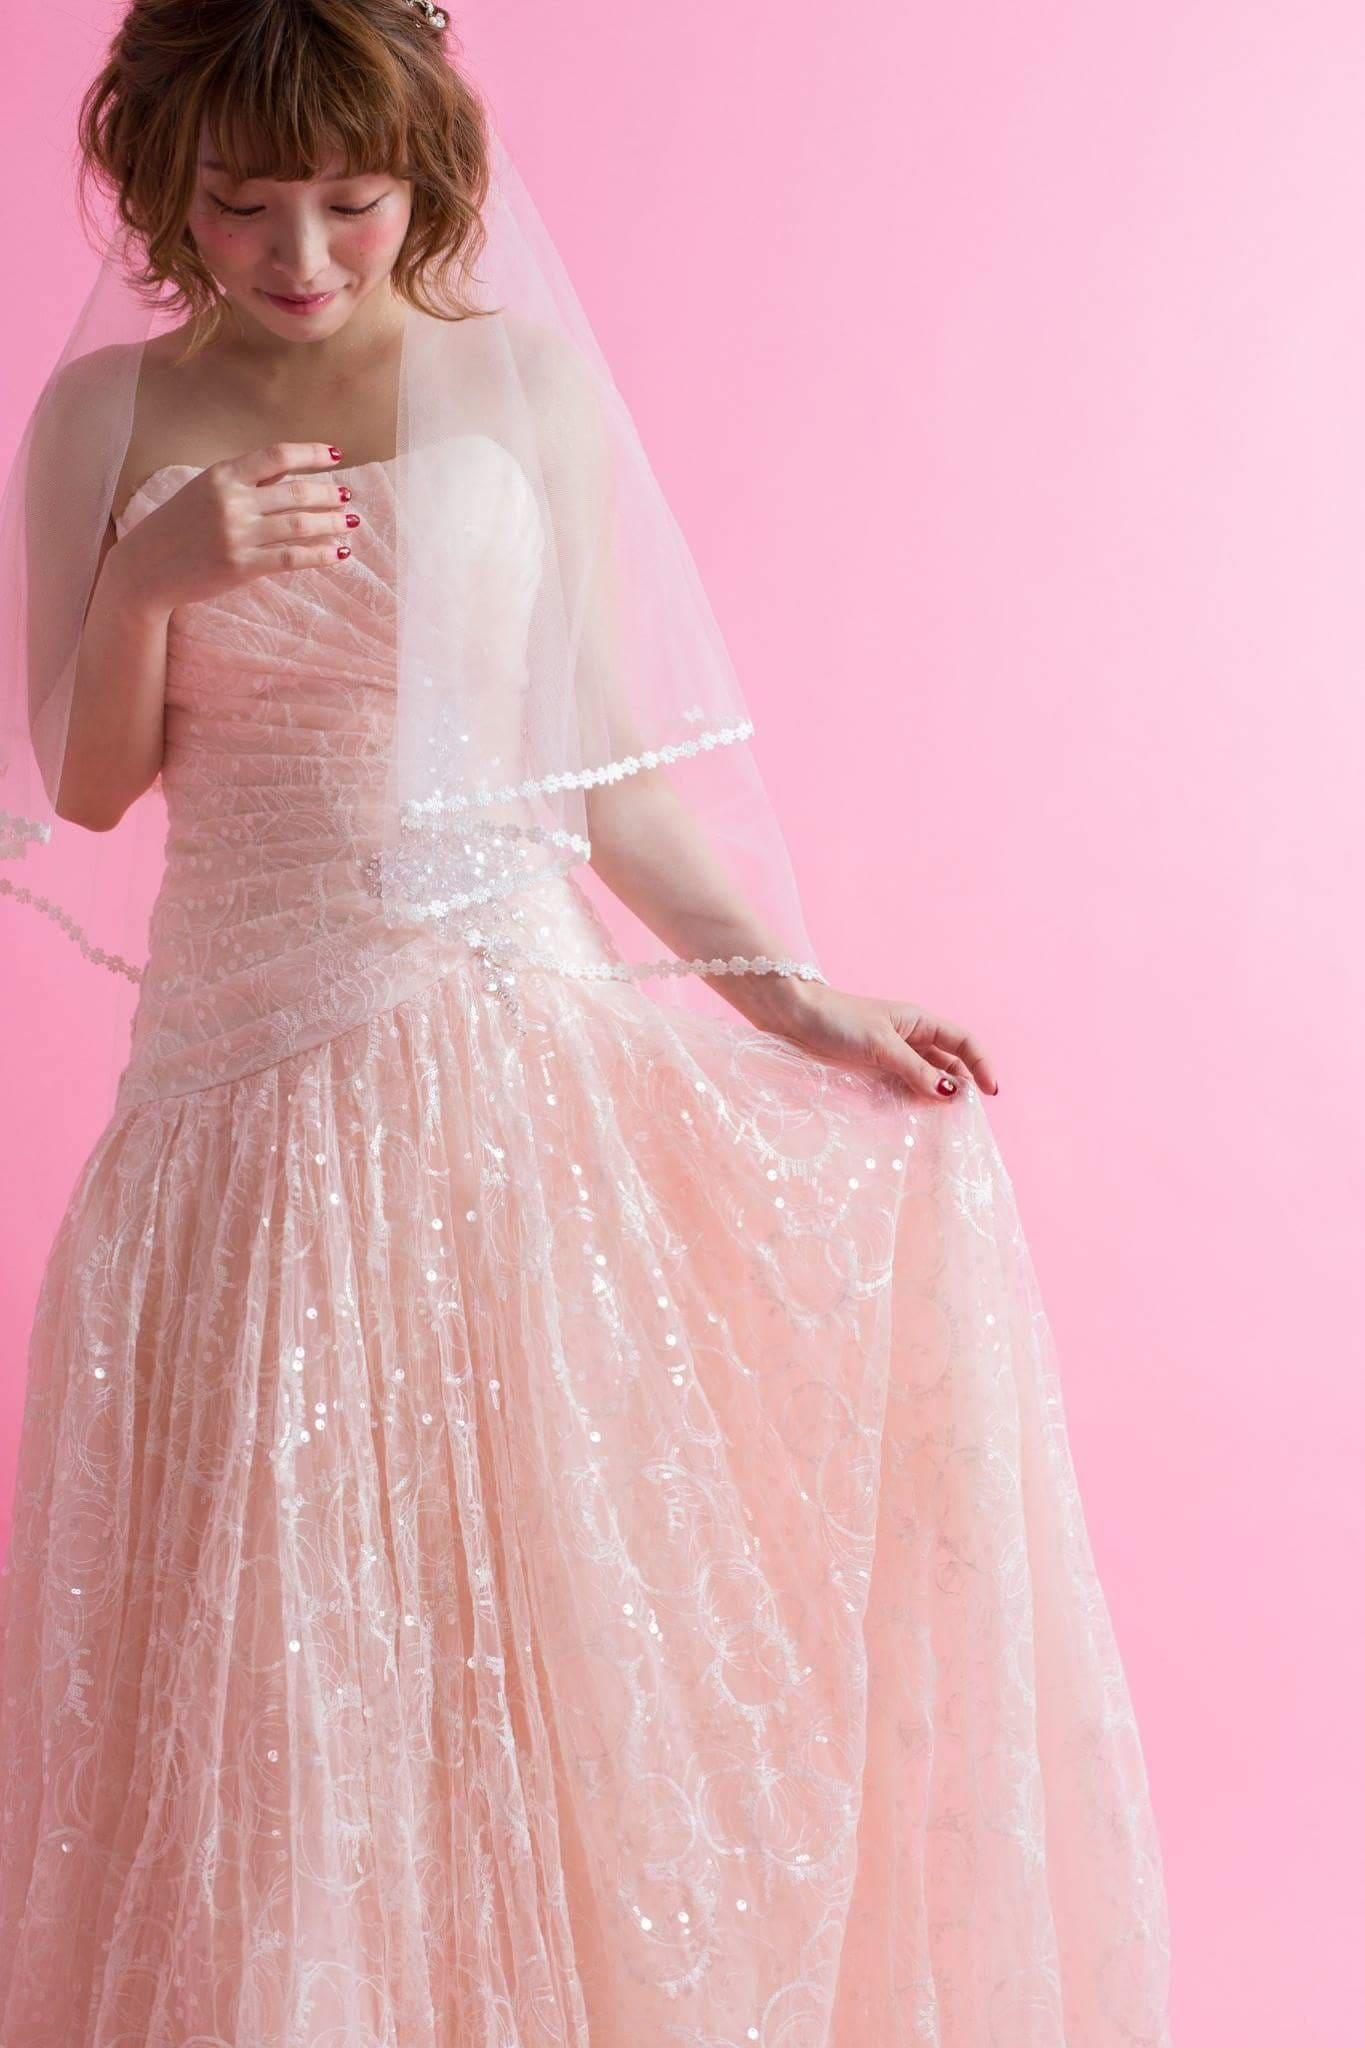 レンタルウエディングドレス(シャーリーナチュラルピンク)のイメージその1